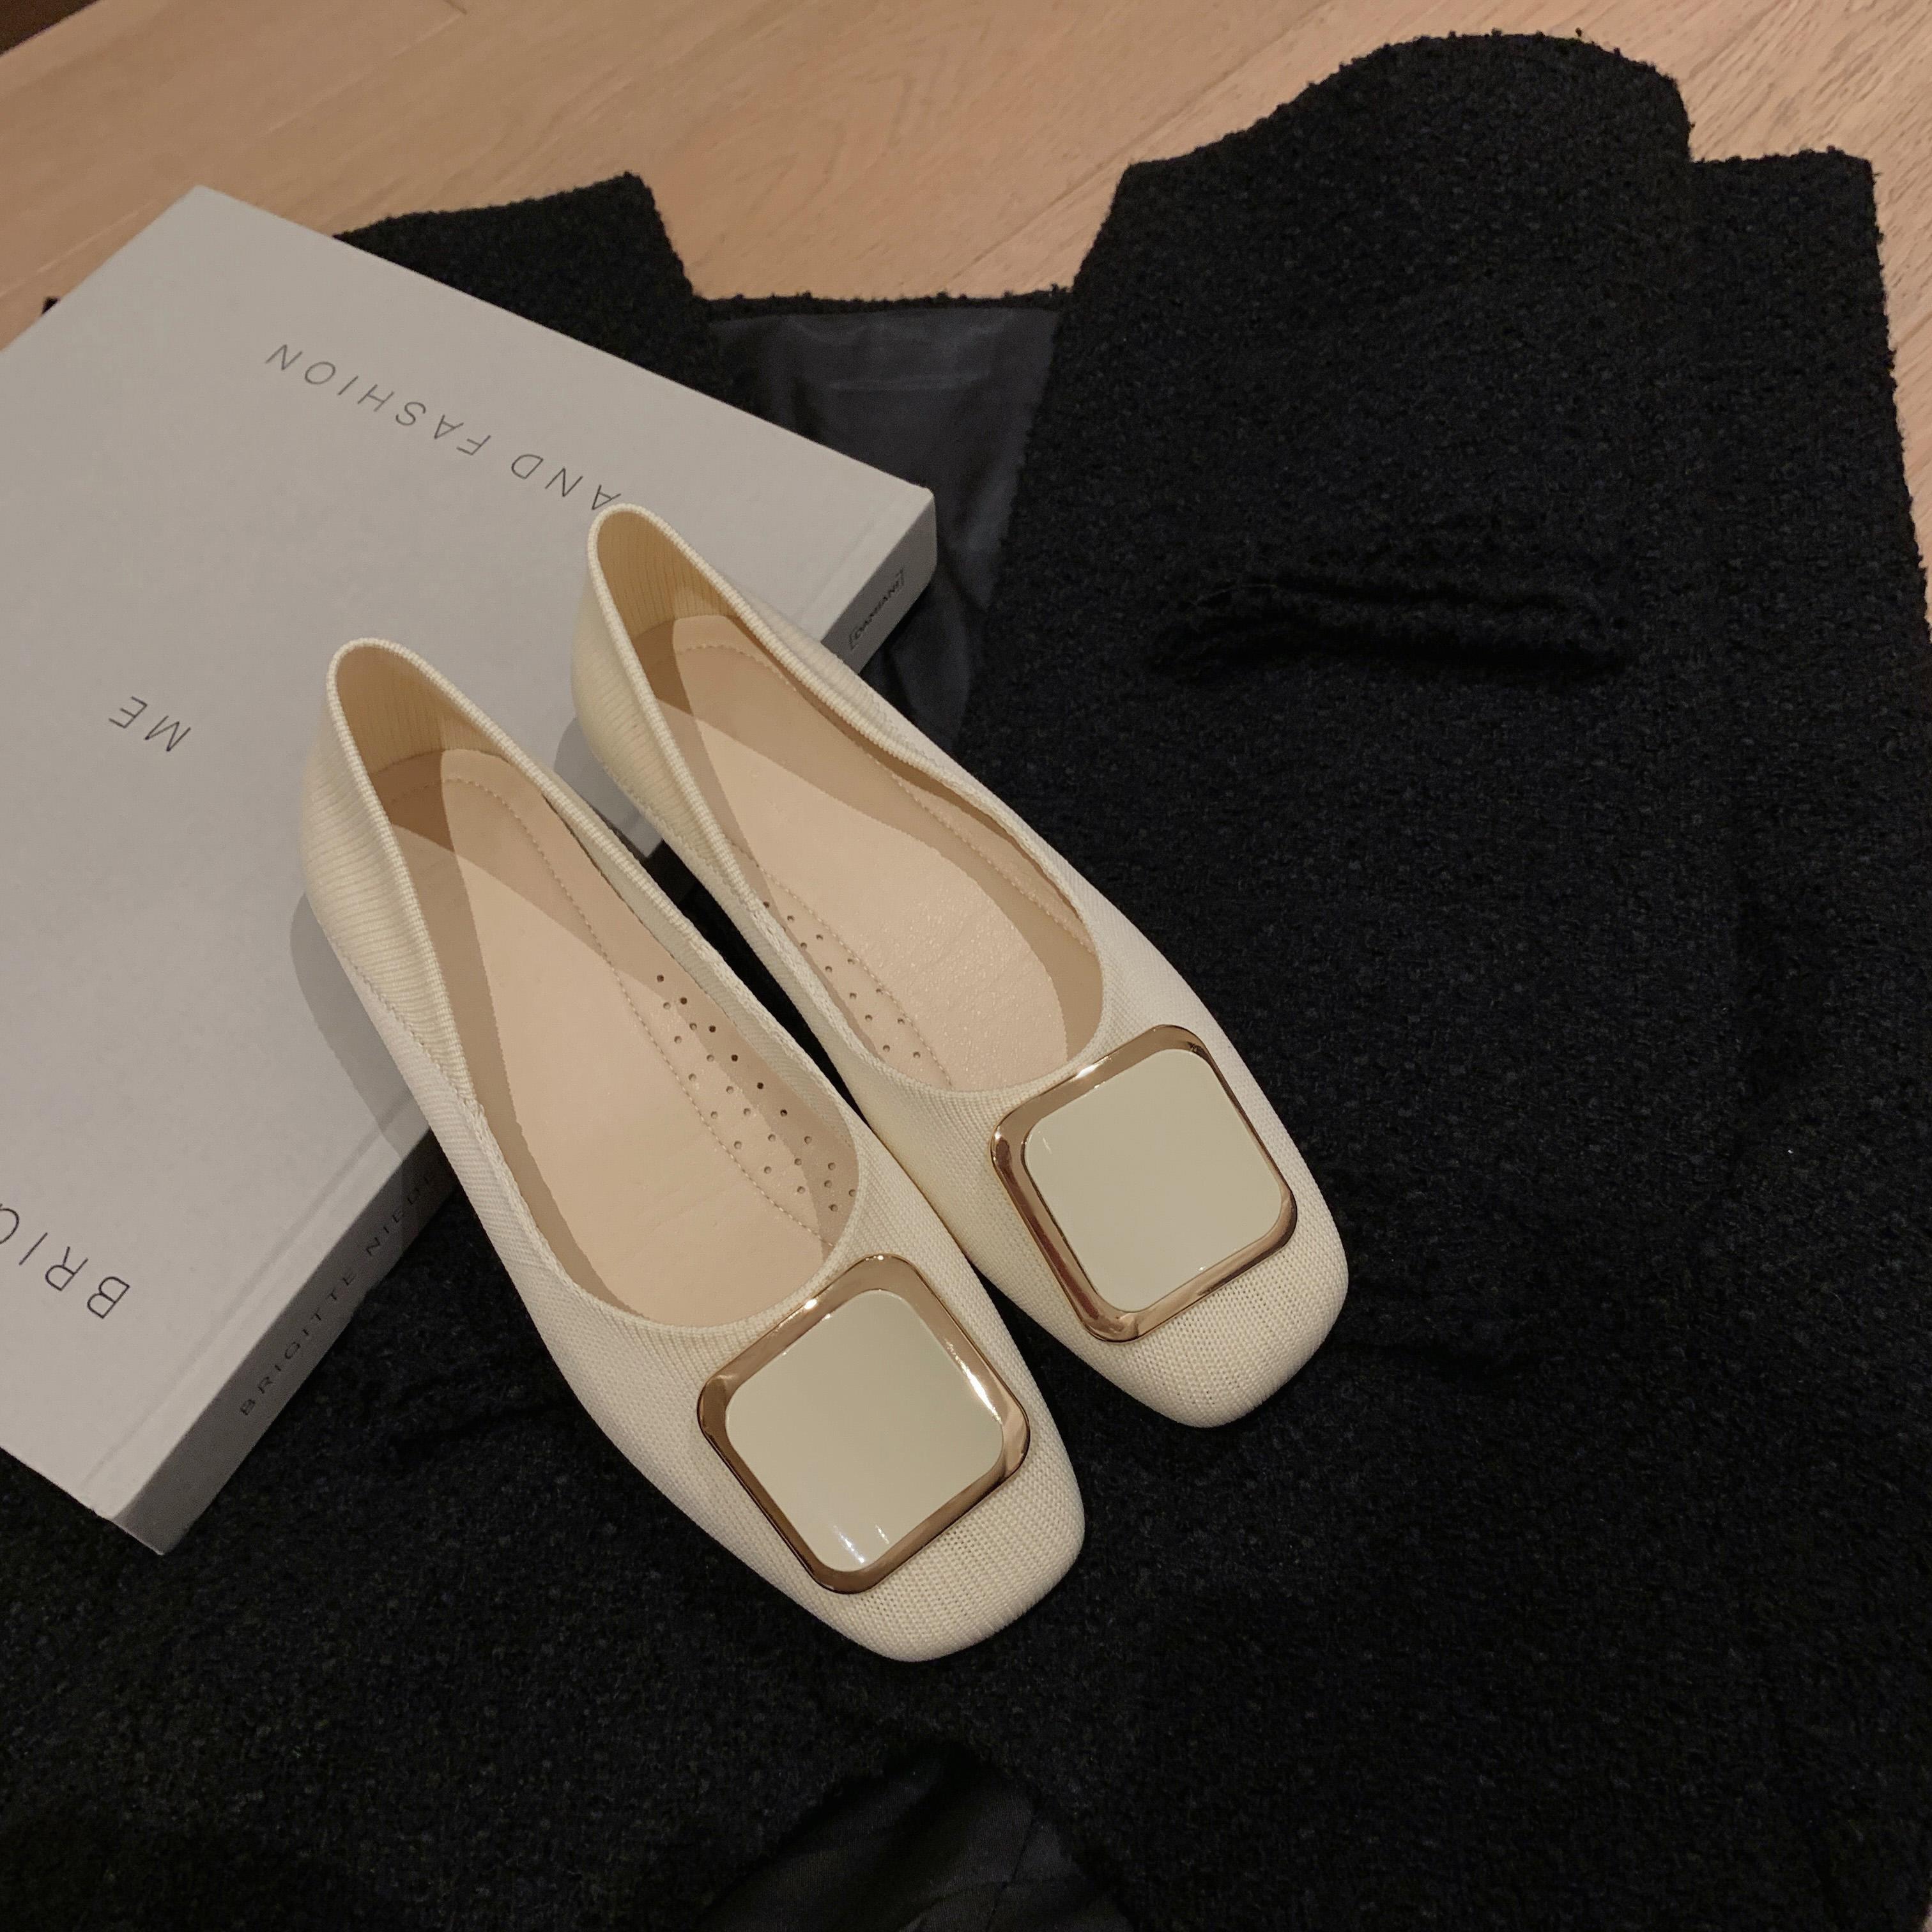 NRETRO私人定制 单鞋女2021年新款爆款春款小布鞋一脚蹬平底鞋子